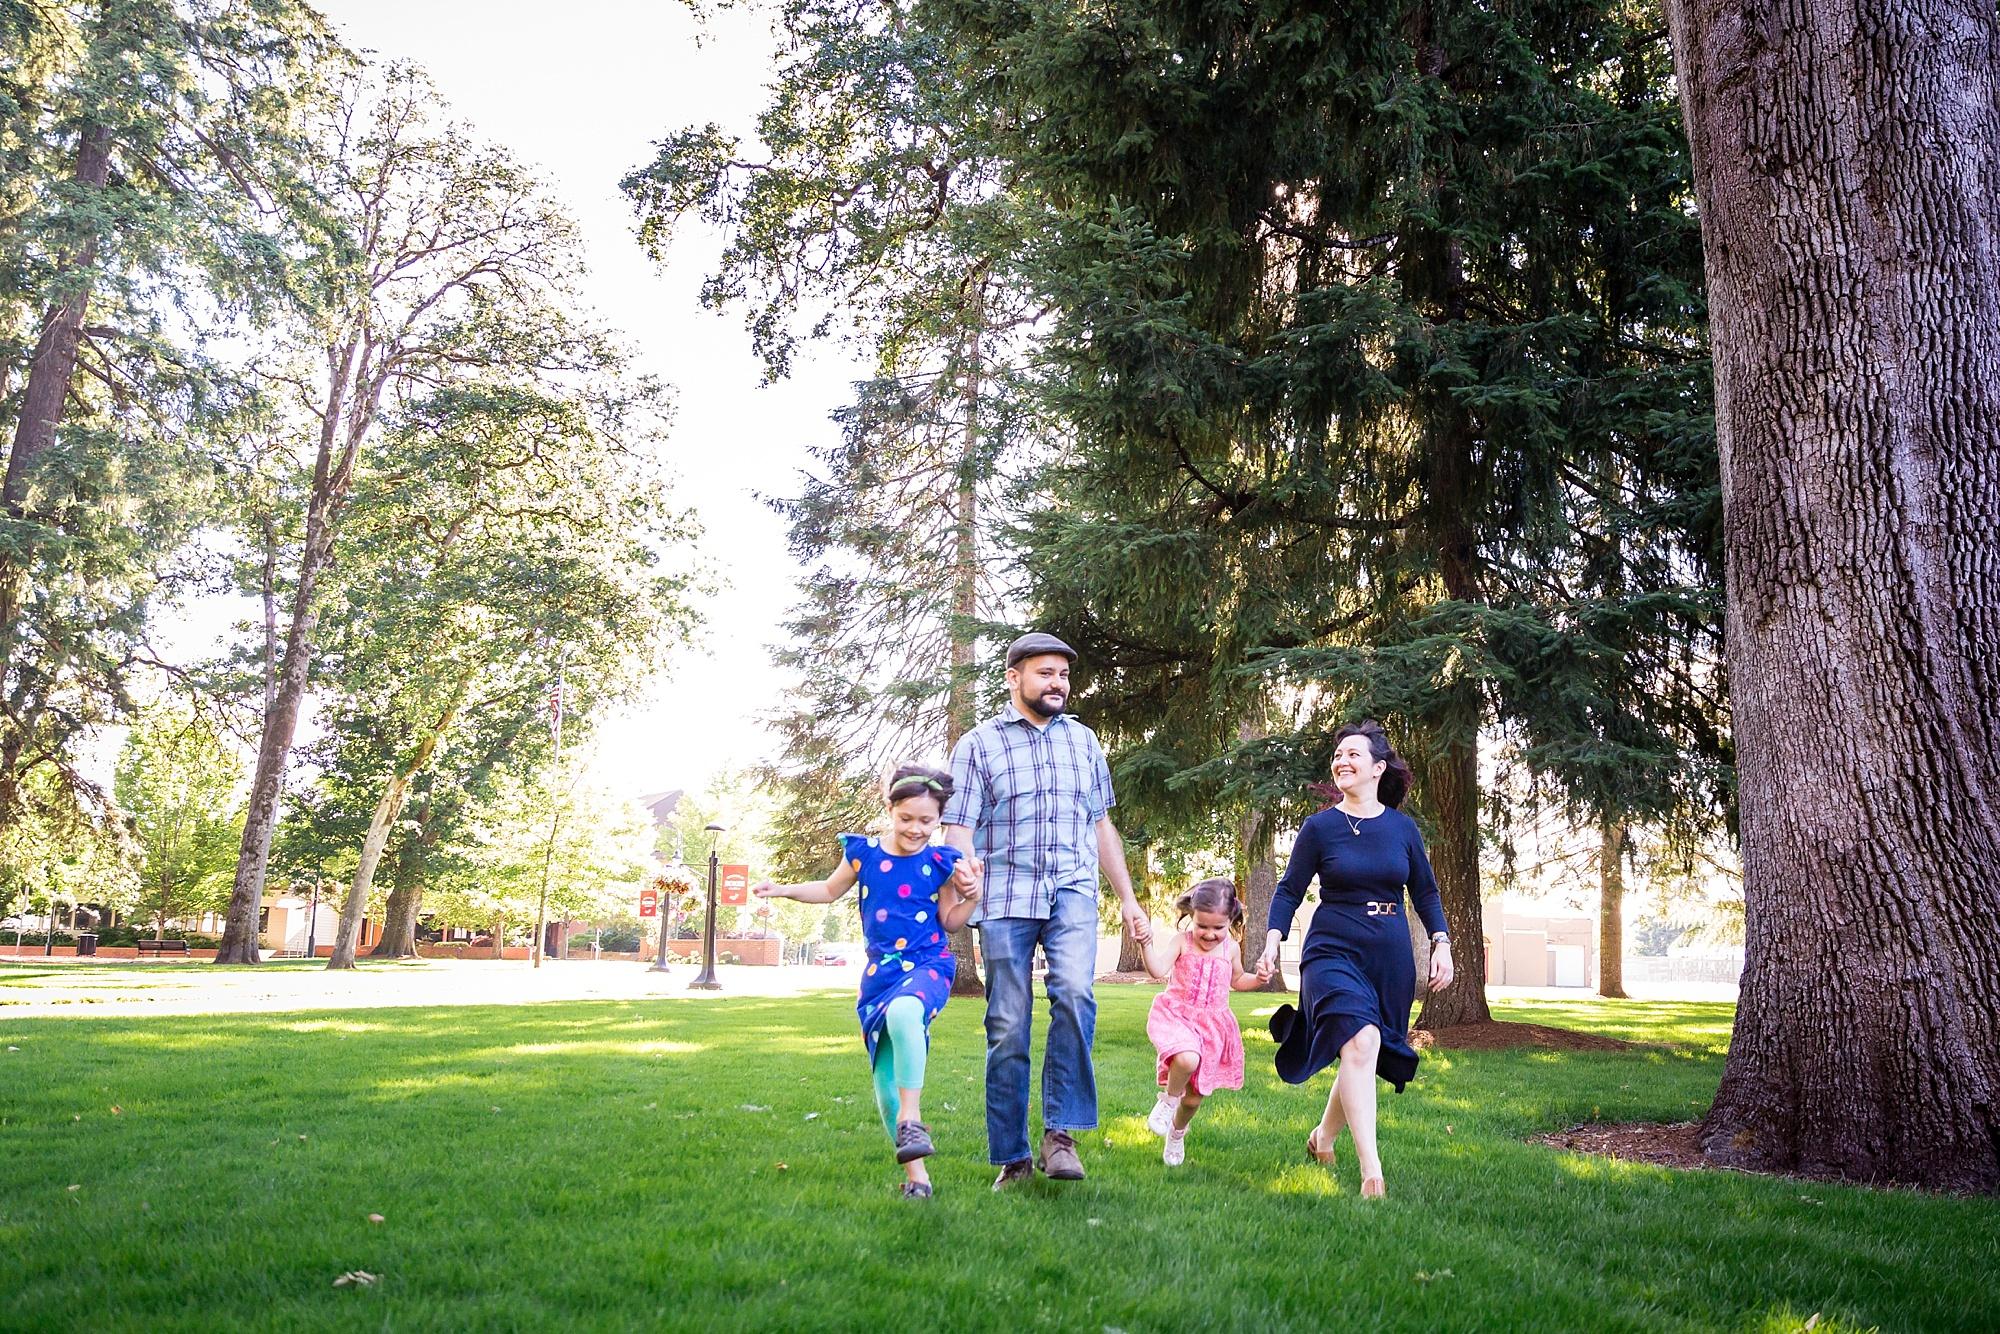 Forest_Grove_Oregon_Family_Photos_Hunnicutt_Photography_0002